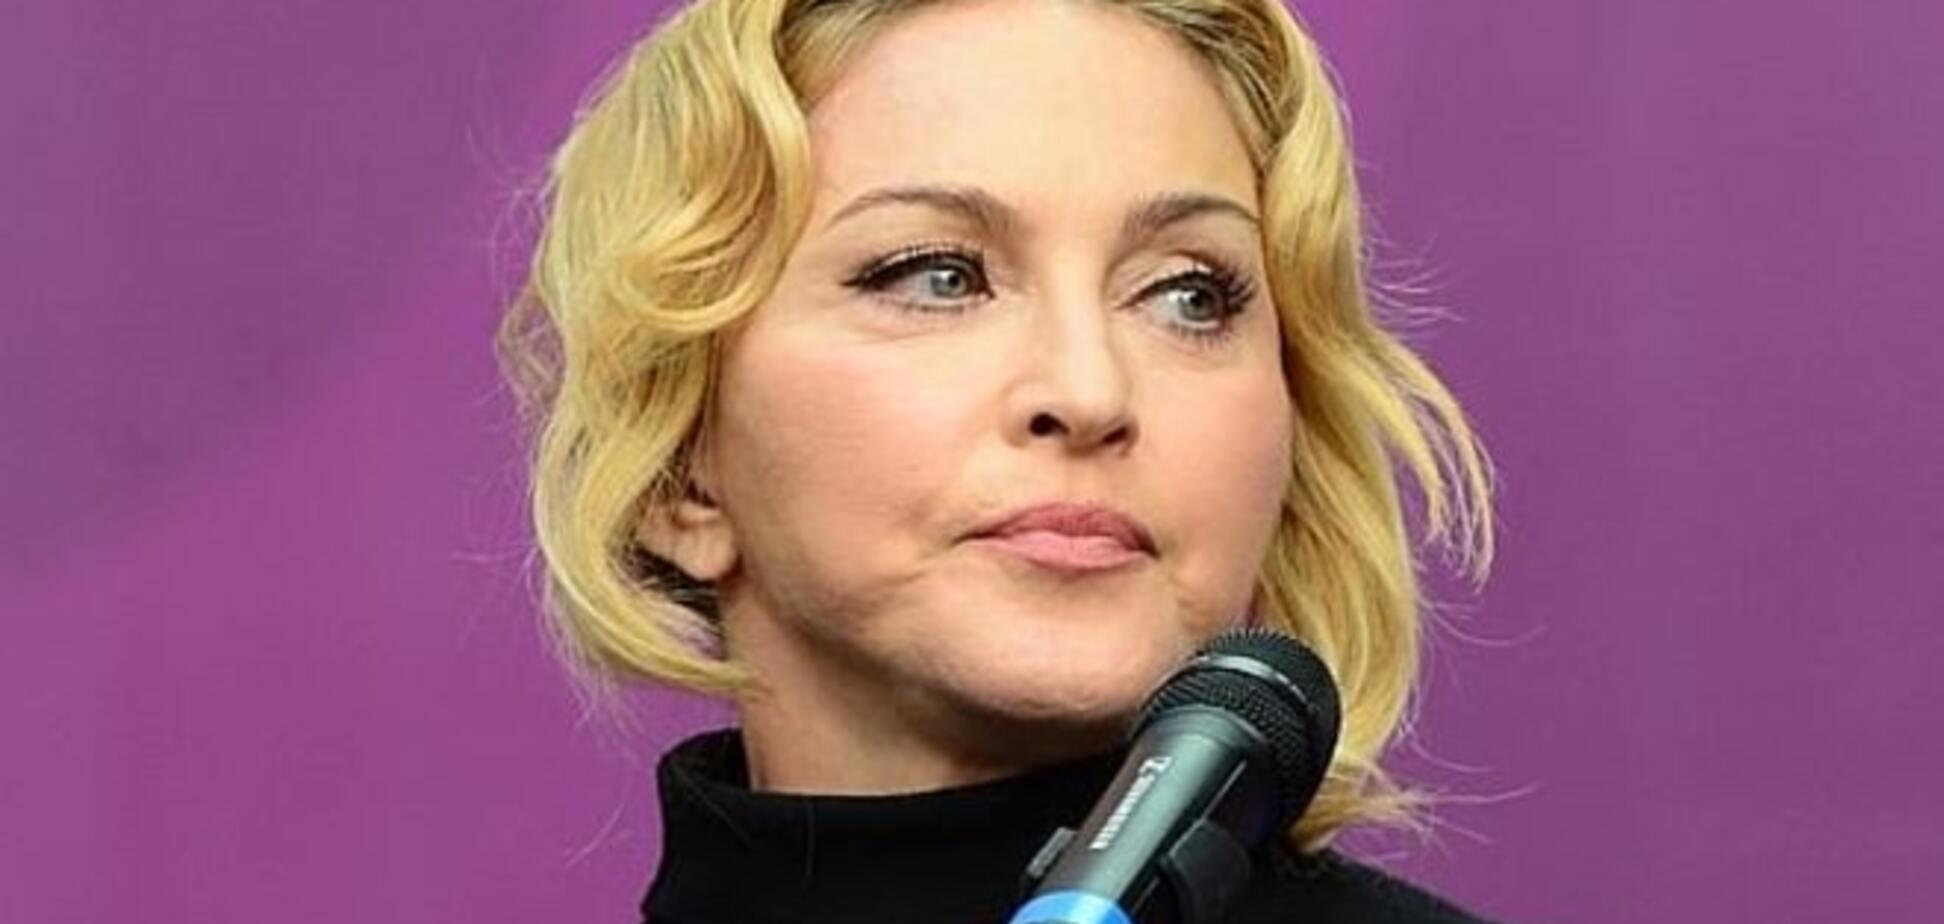 У Росії депутат обізвав Мадонну, яка захищає геїв, 'старою' і 'дурепою'